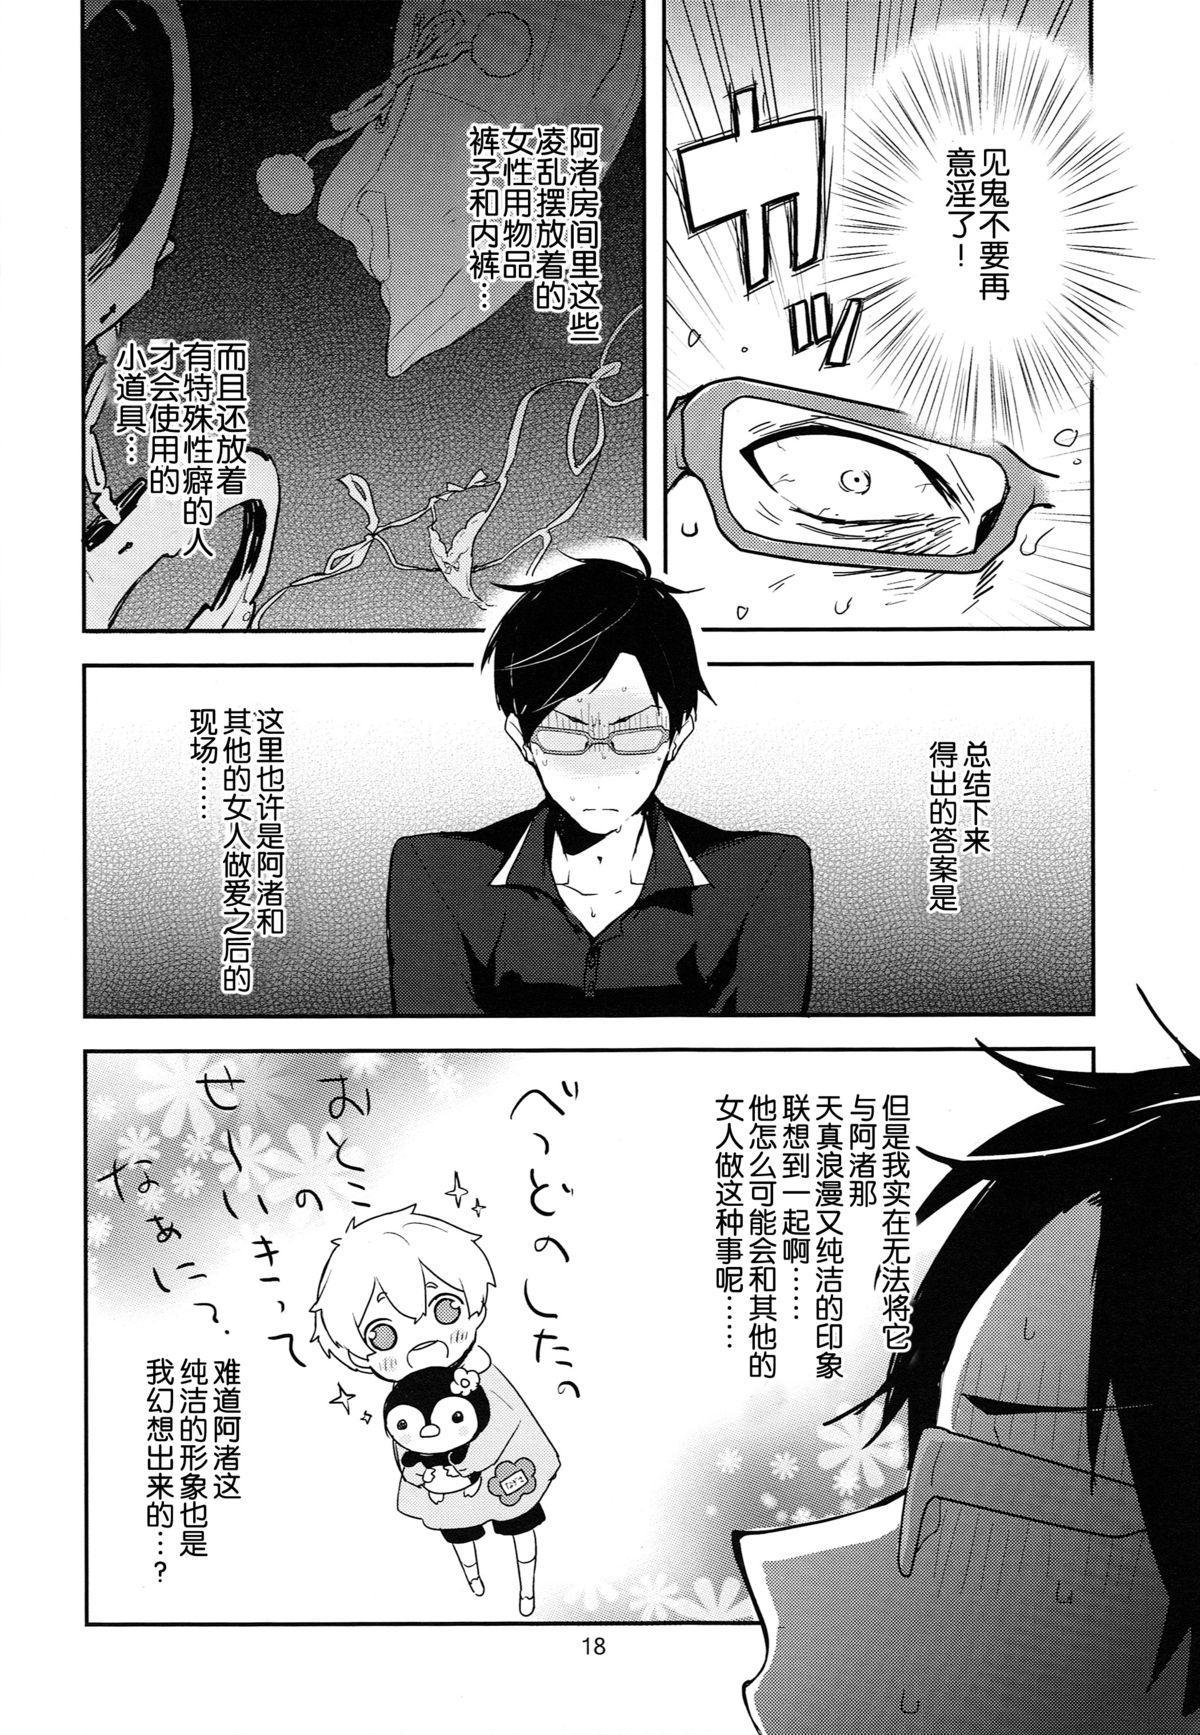 Ryuugazaki nanigashi wa seiyoku wo moteamashite iru. 15